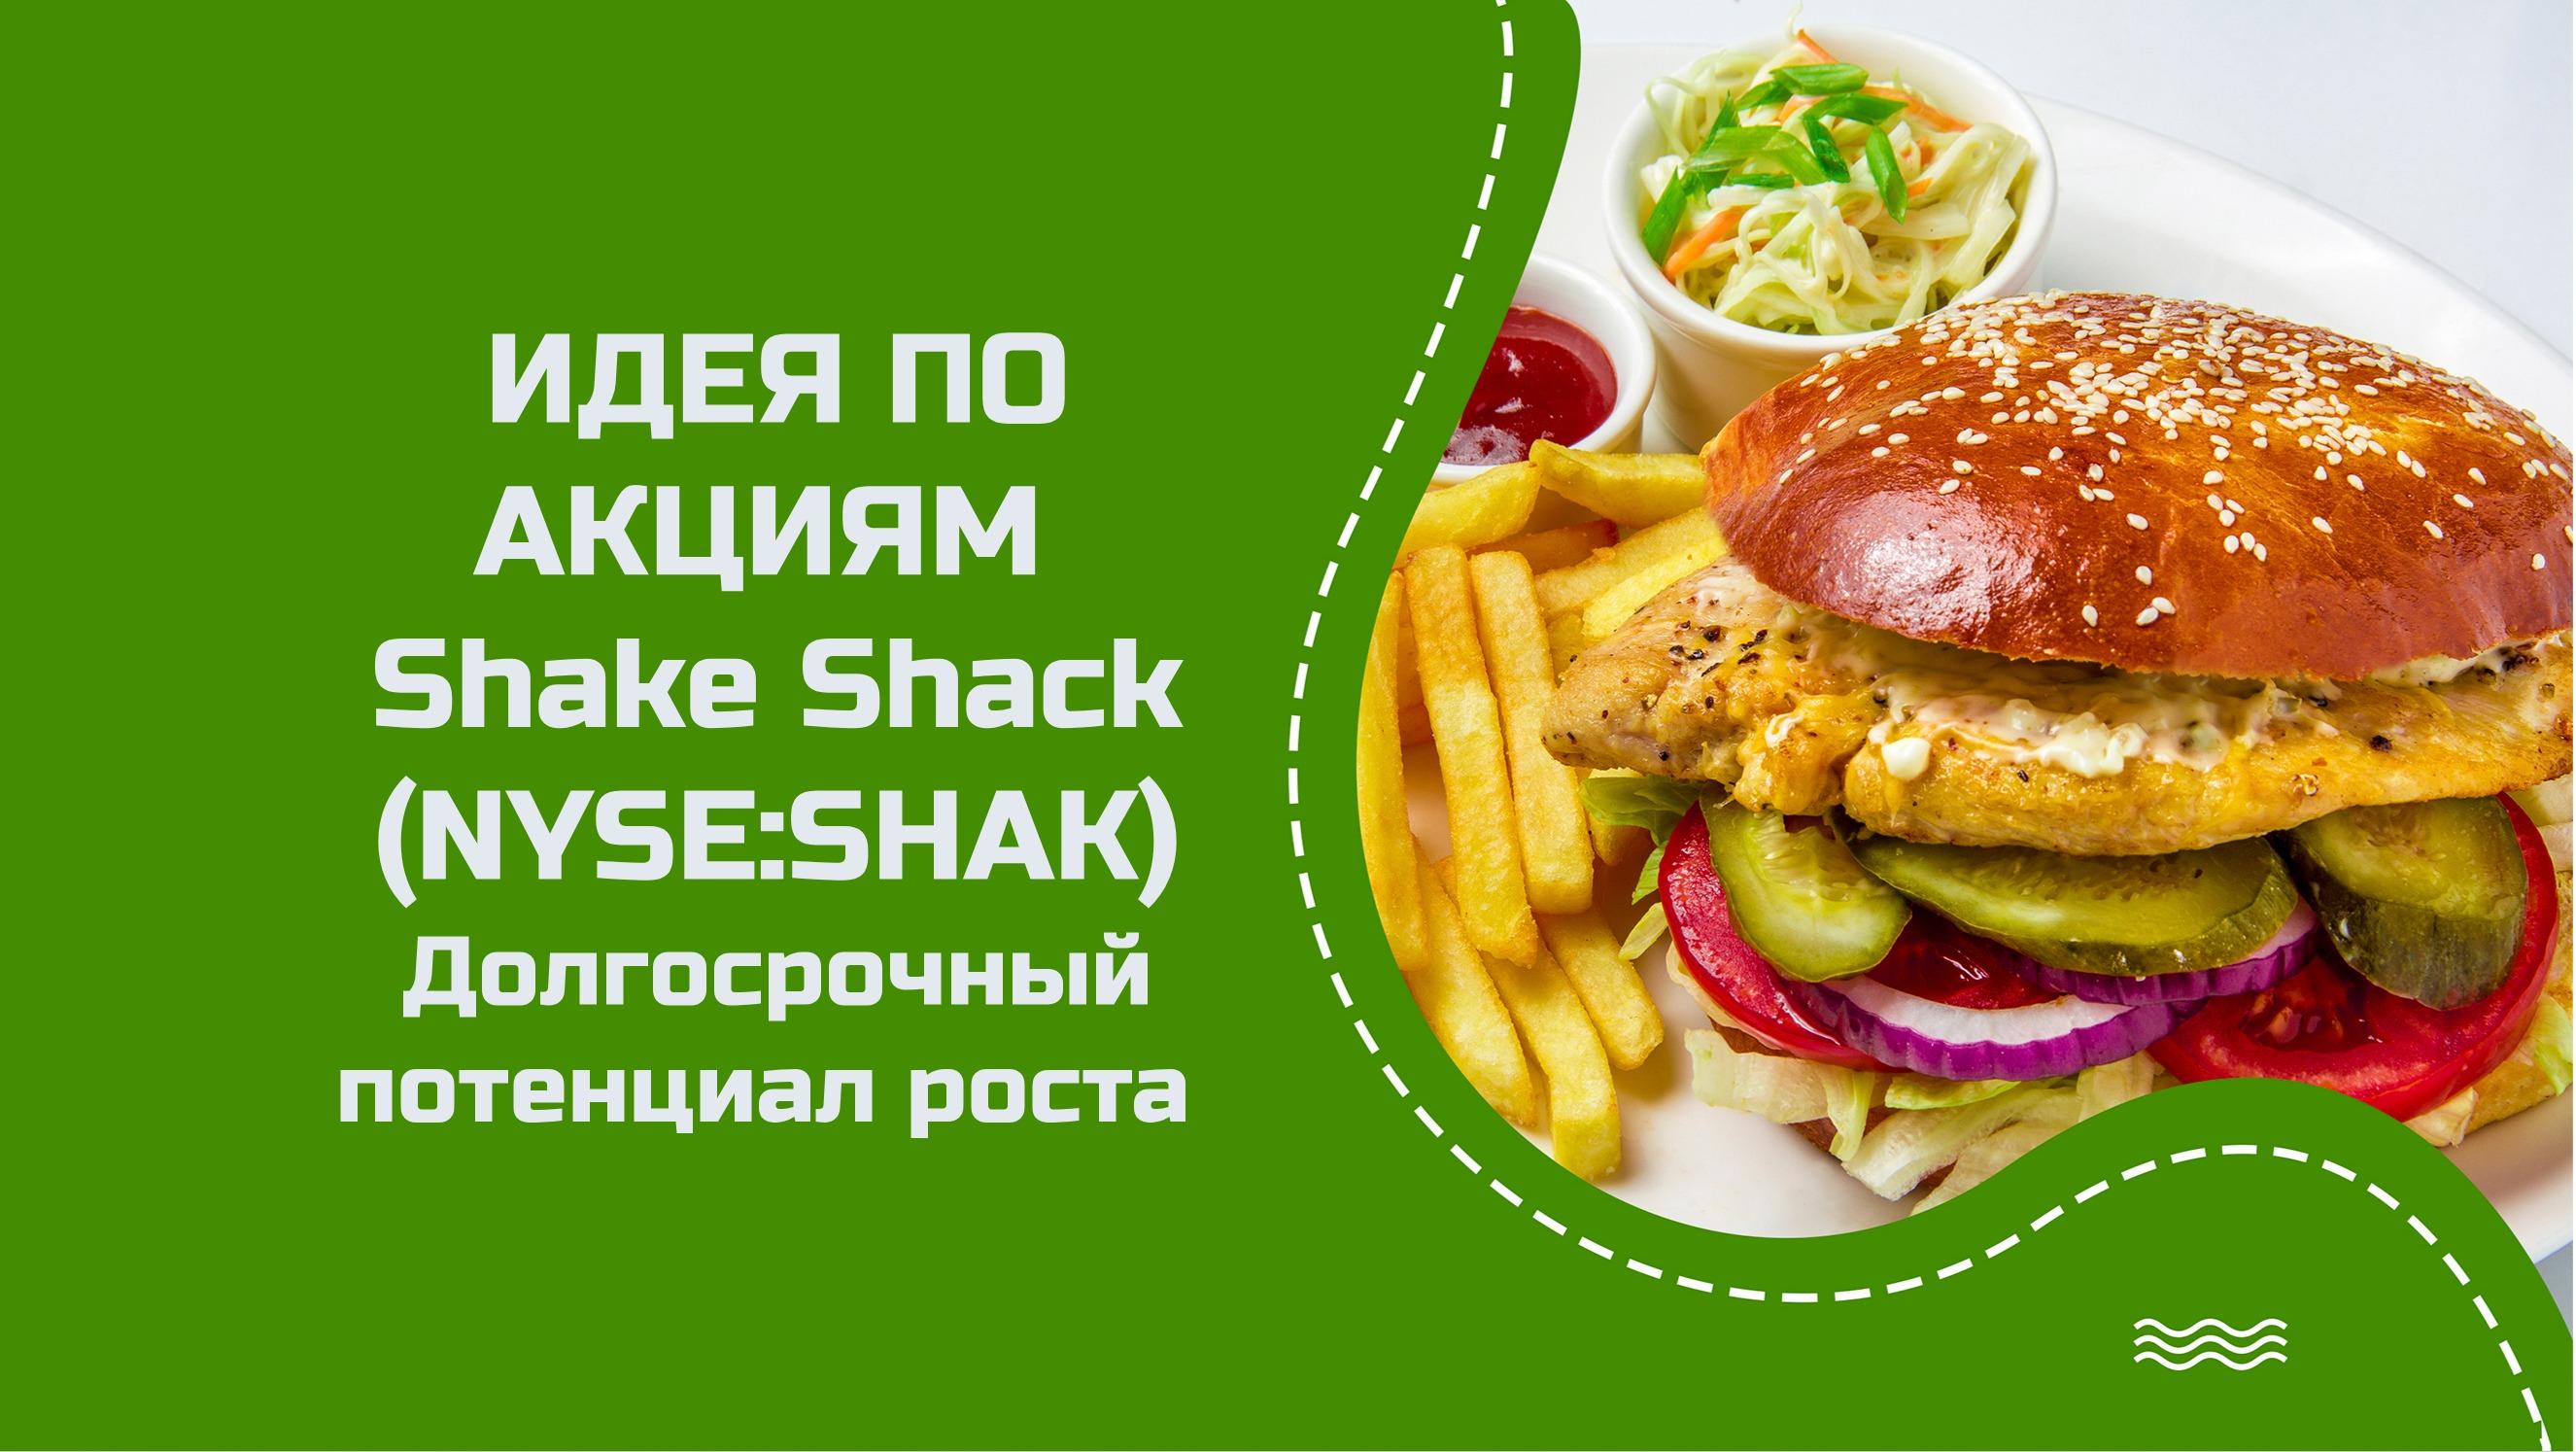 Торговая идея по акциям Shake Shack